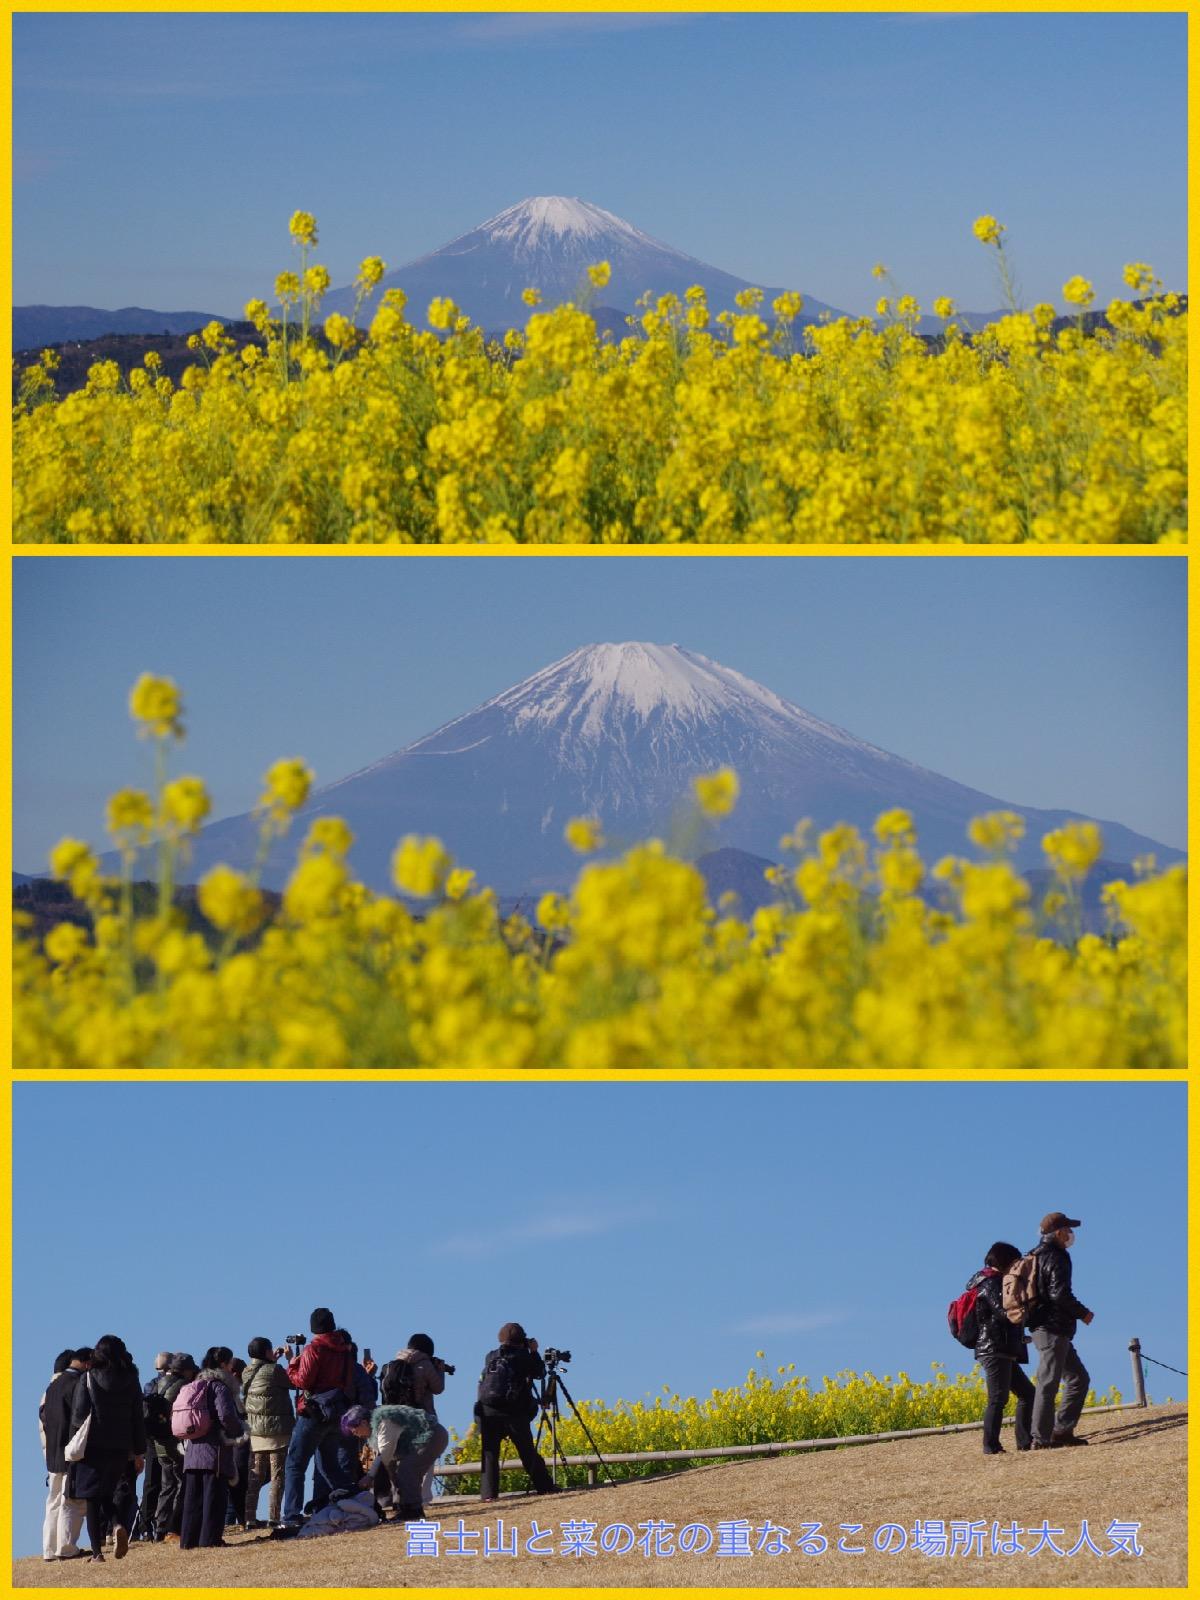 神奈川県二宮町 吾妻山公園 菜の花